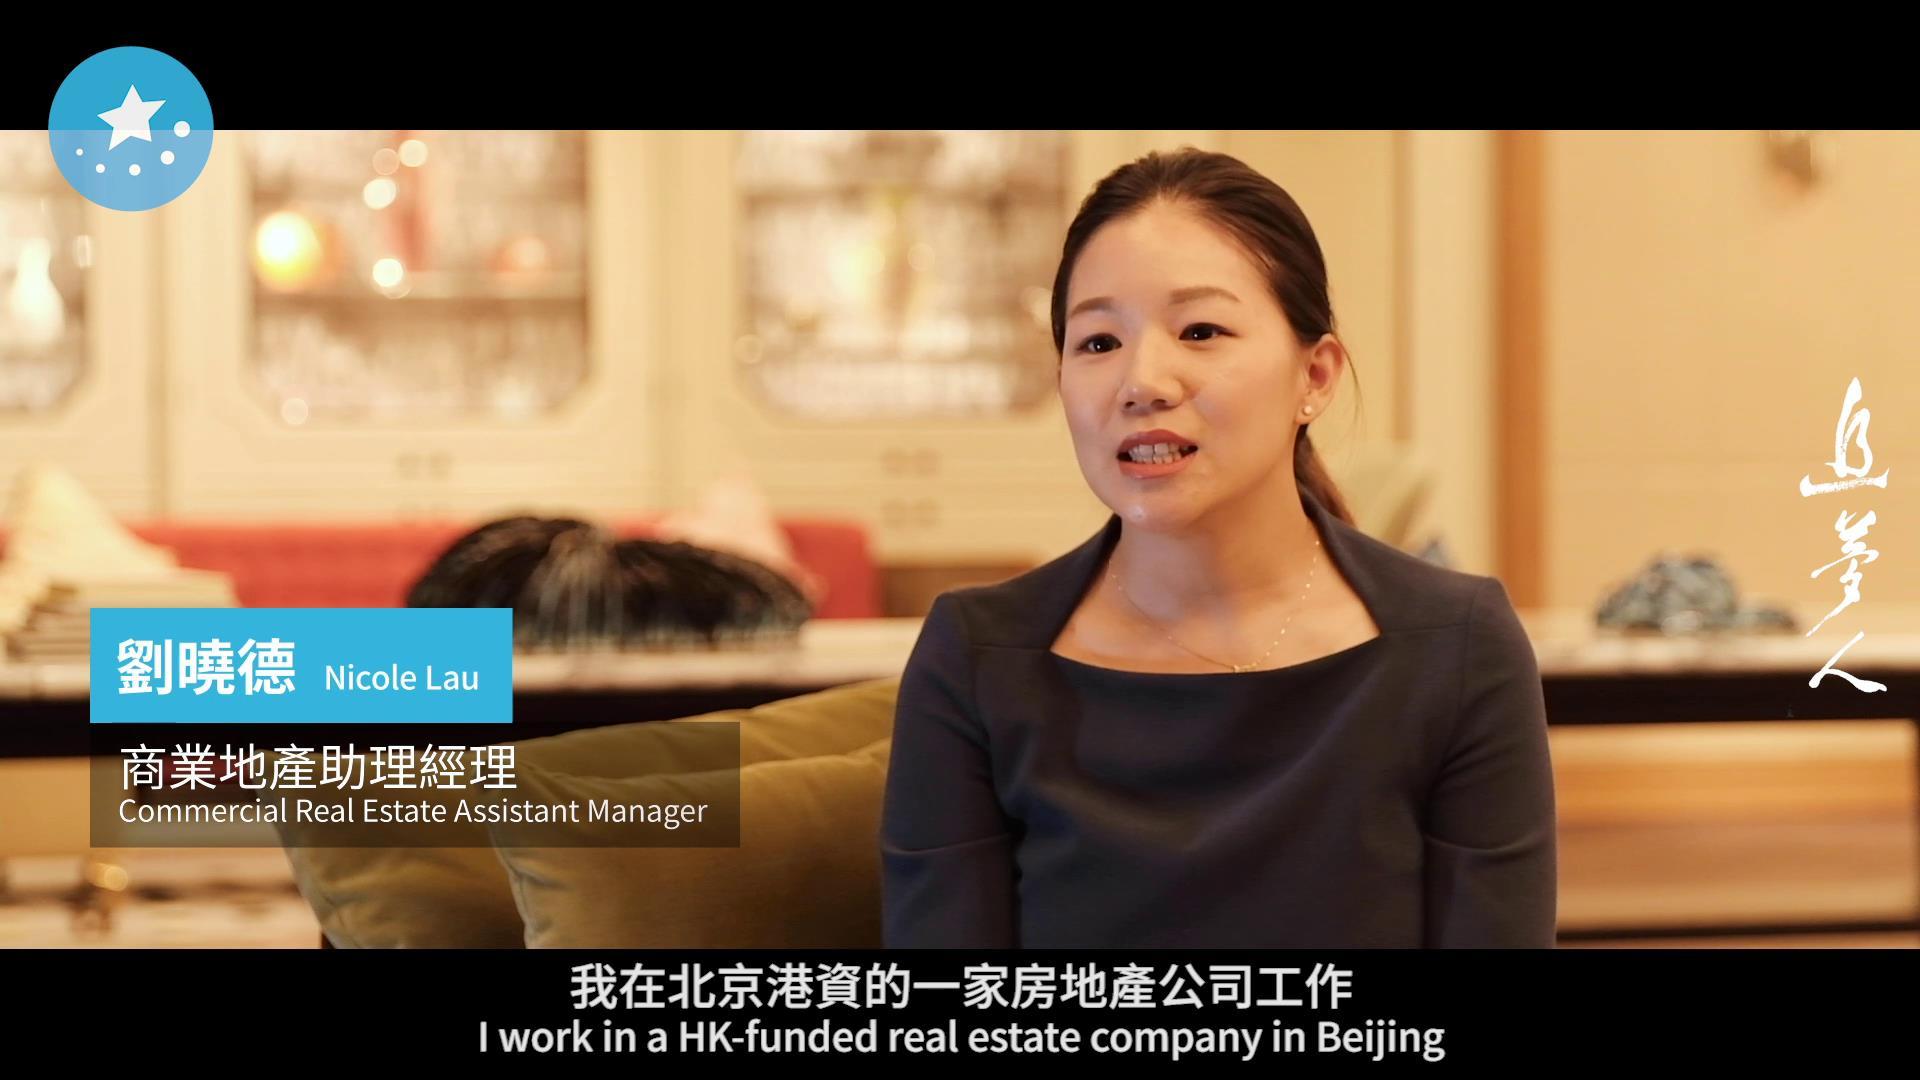 香港夫妻北京安家:在家都說普通話圖片